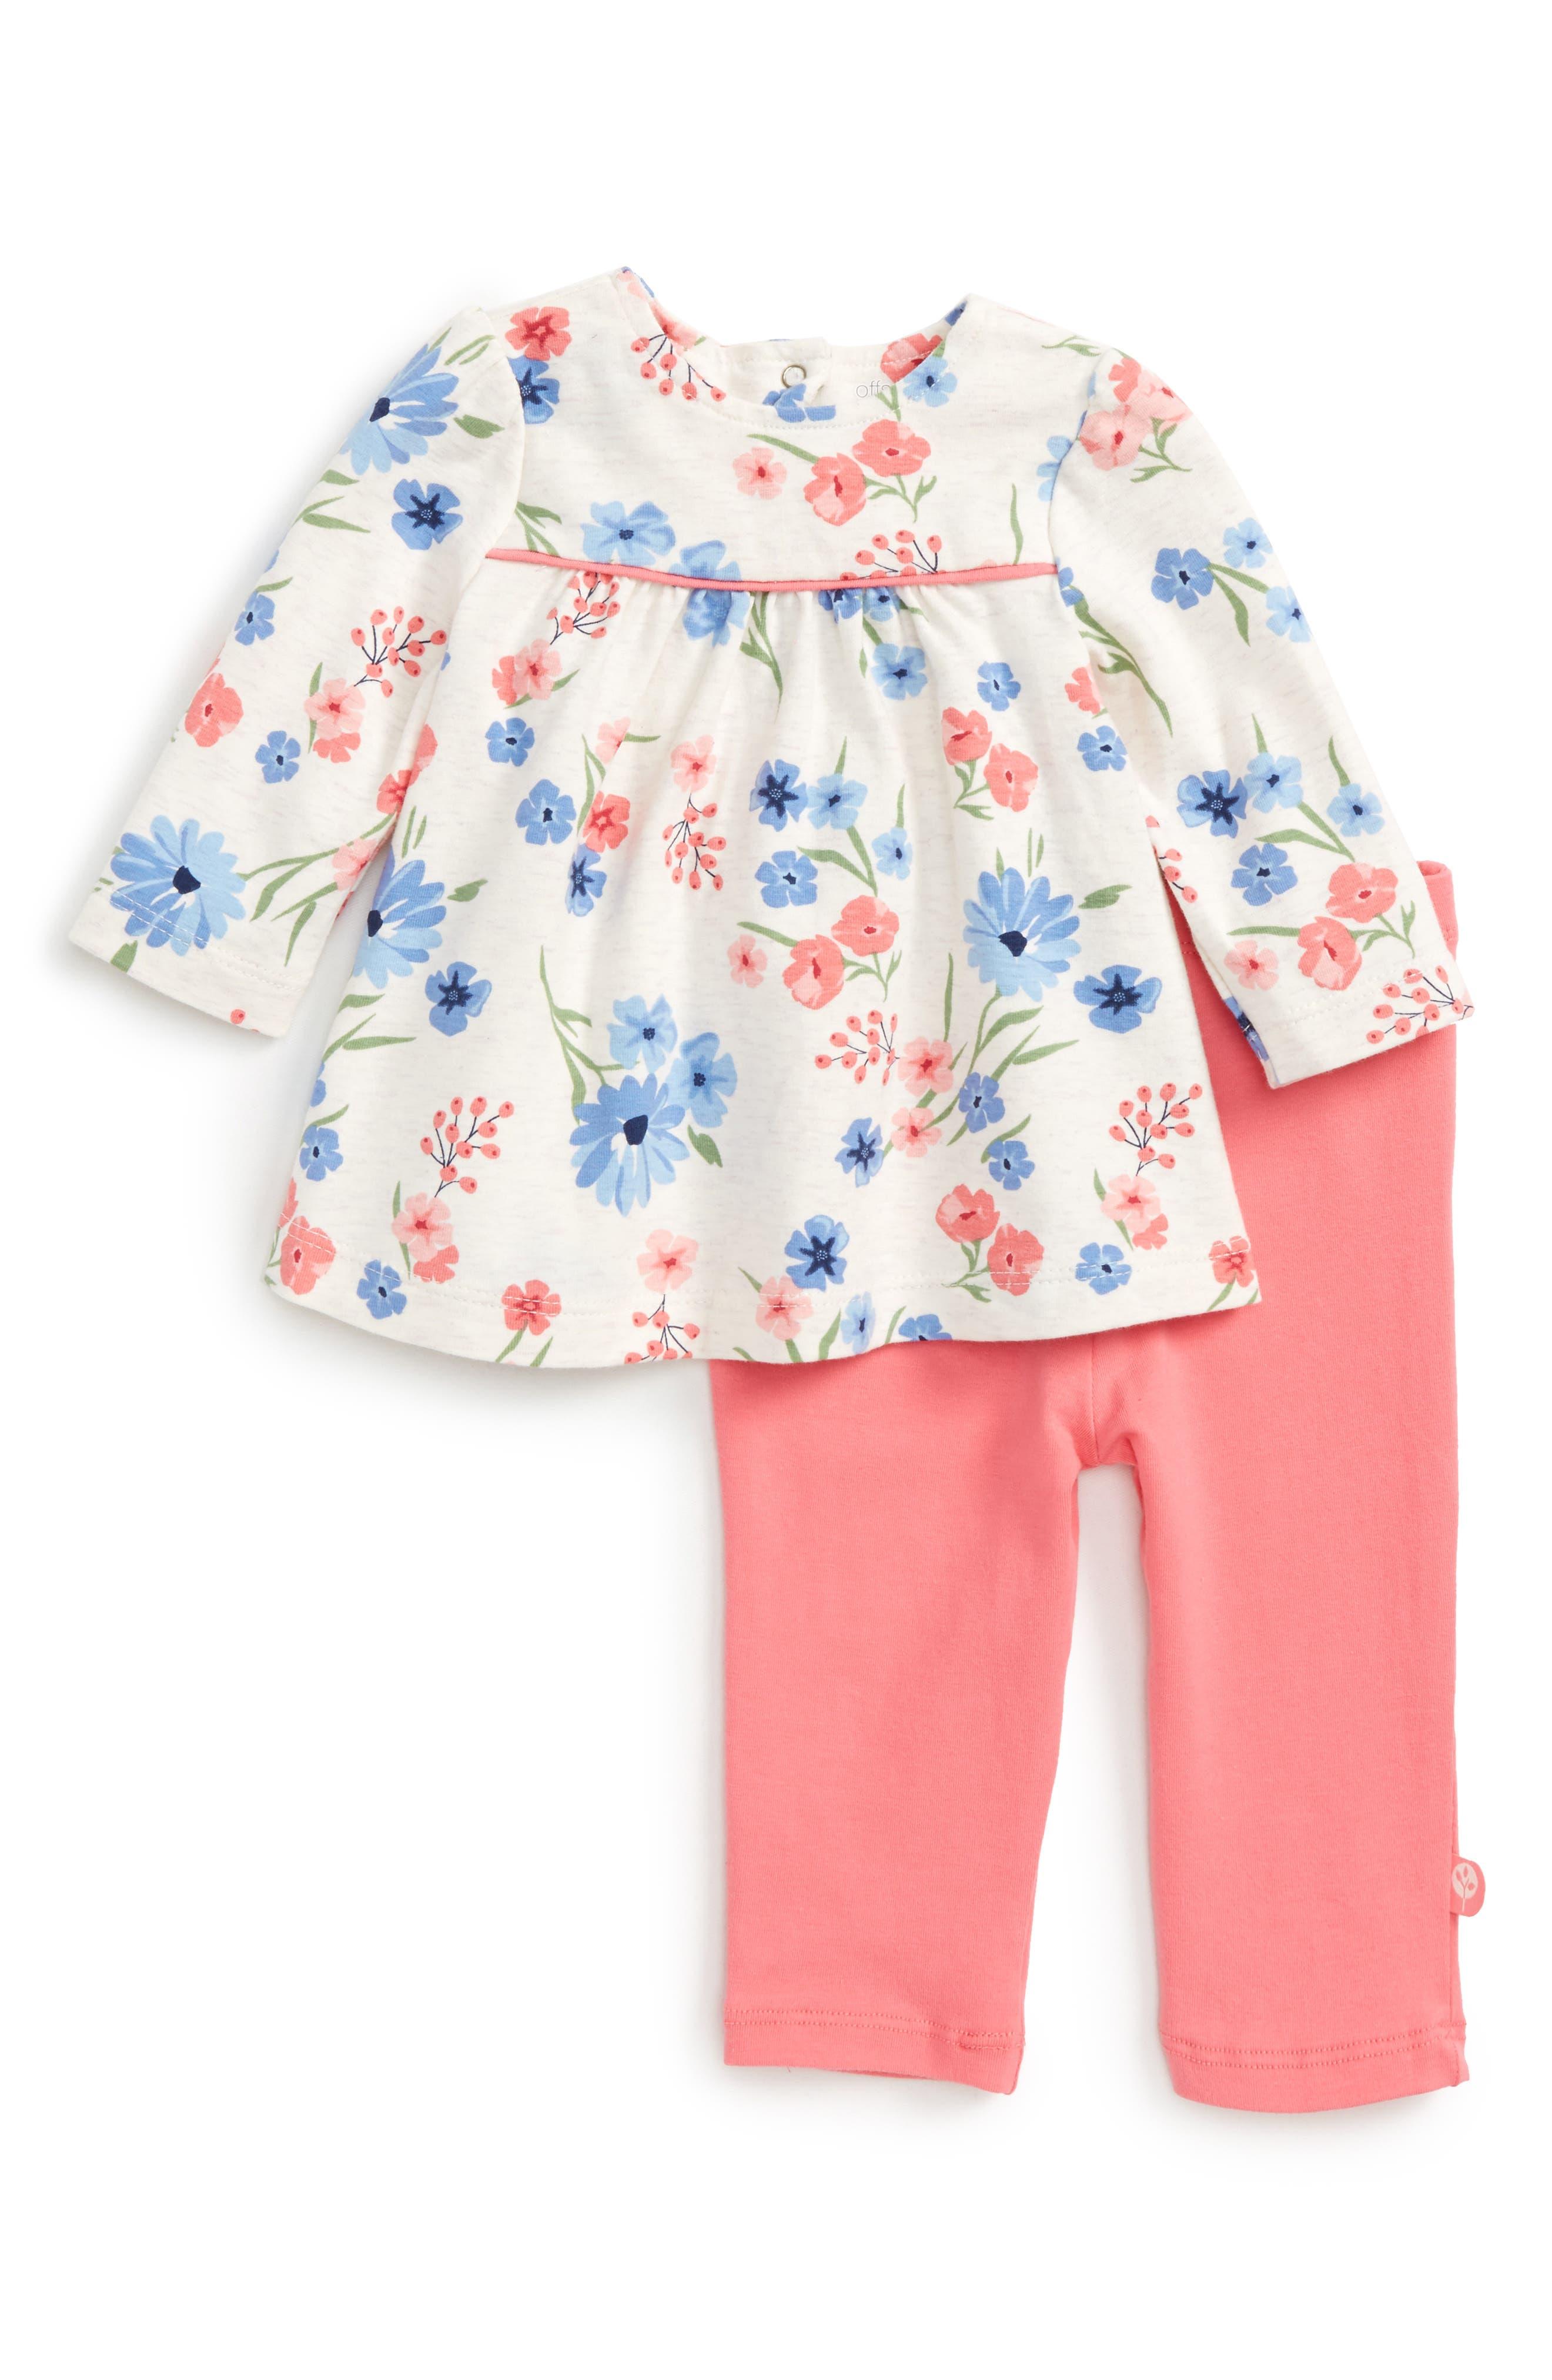 Main Image - Offspring Flower Tunic & Leggings Set (Baby Girls)